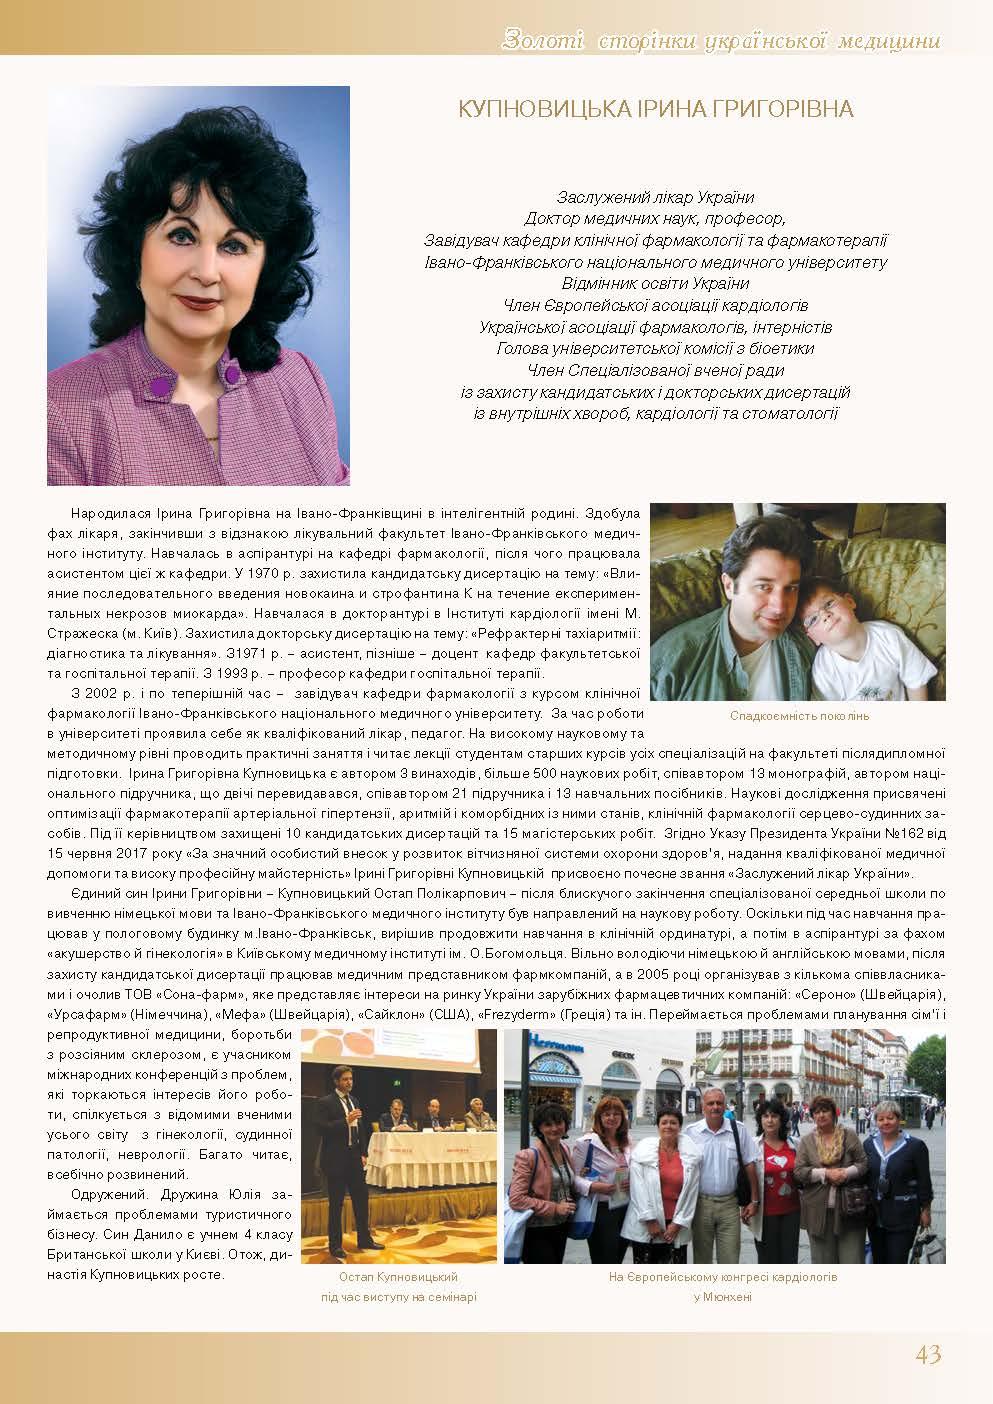 Купновицька Ірина Григорівна